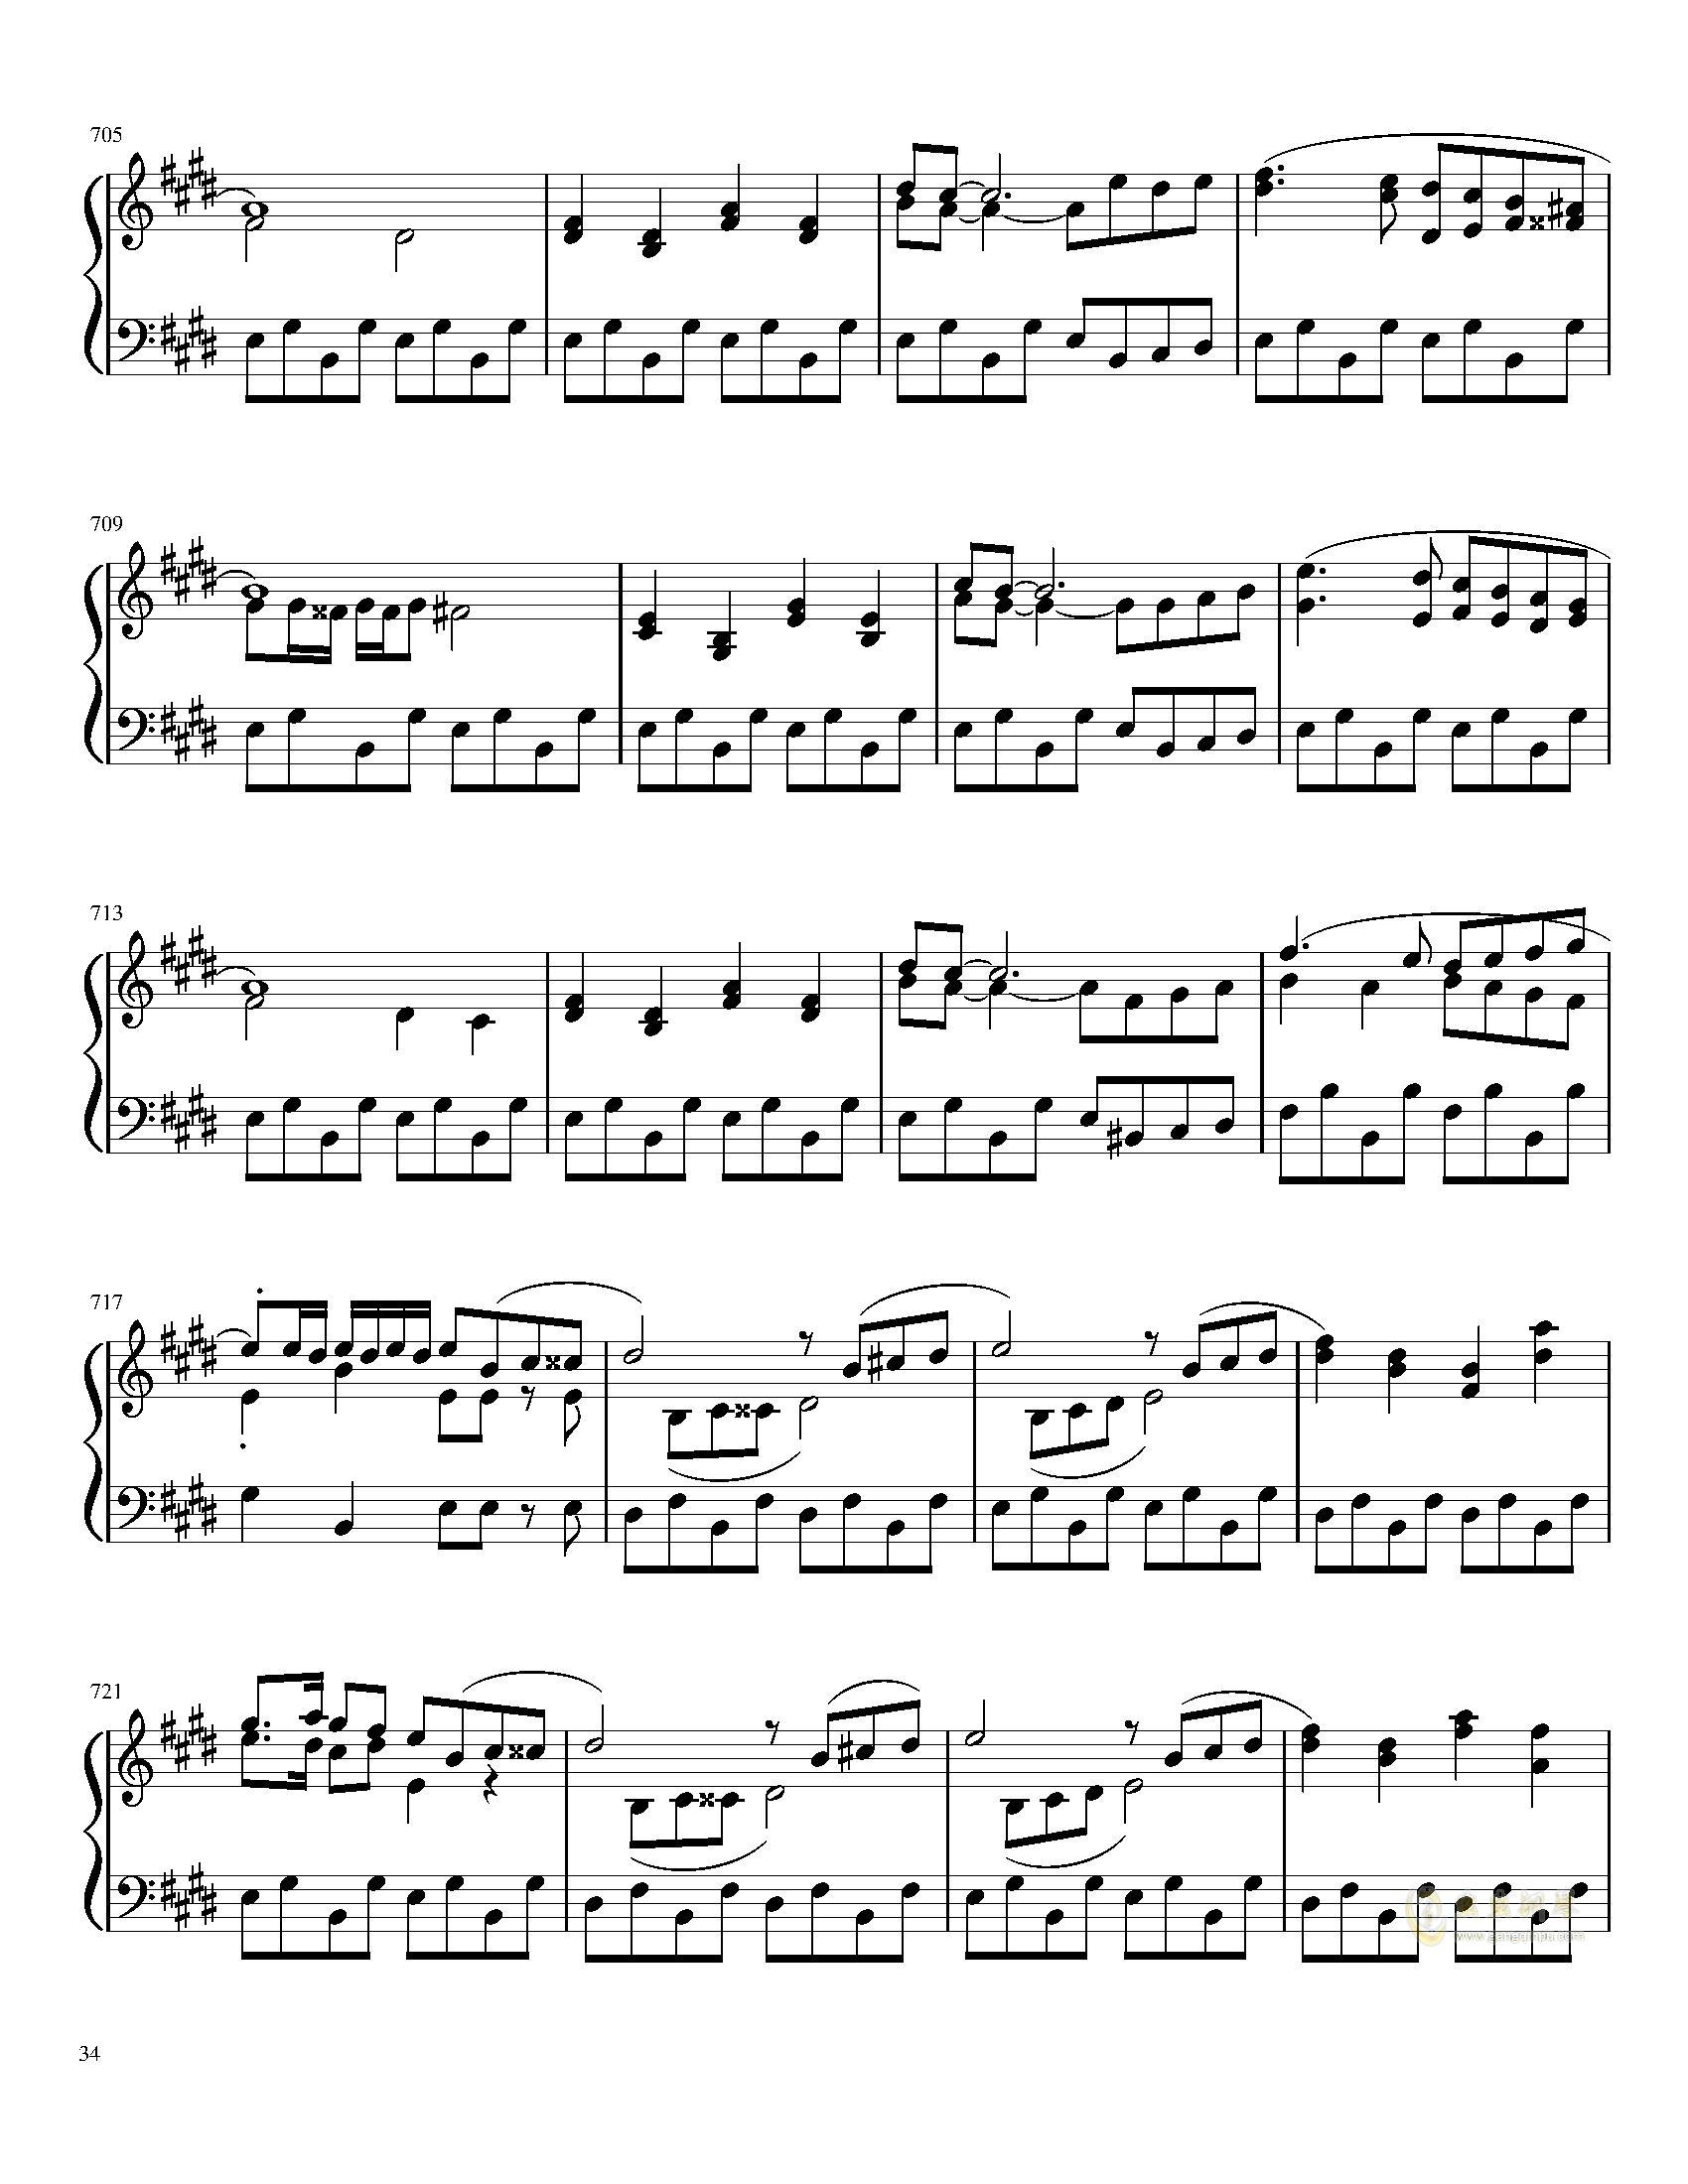 口袋妖怪初代全BGM串烧钢琴谱 第34页